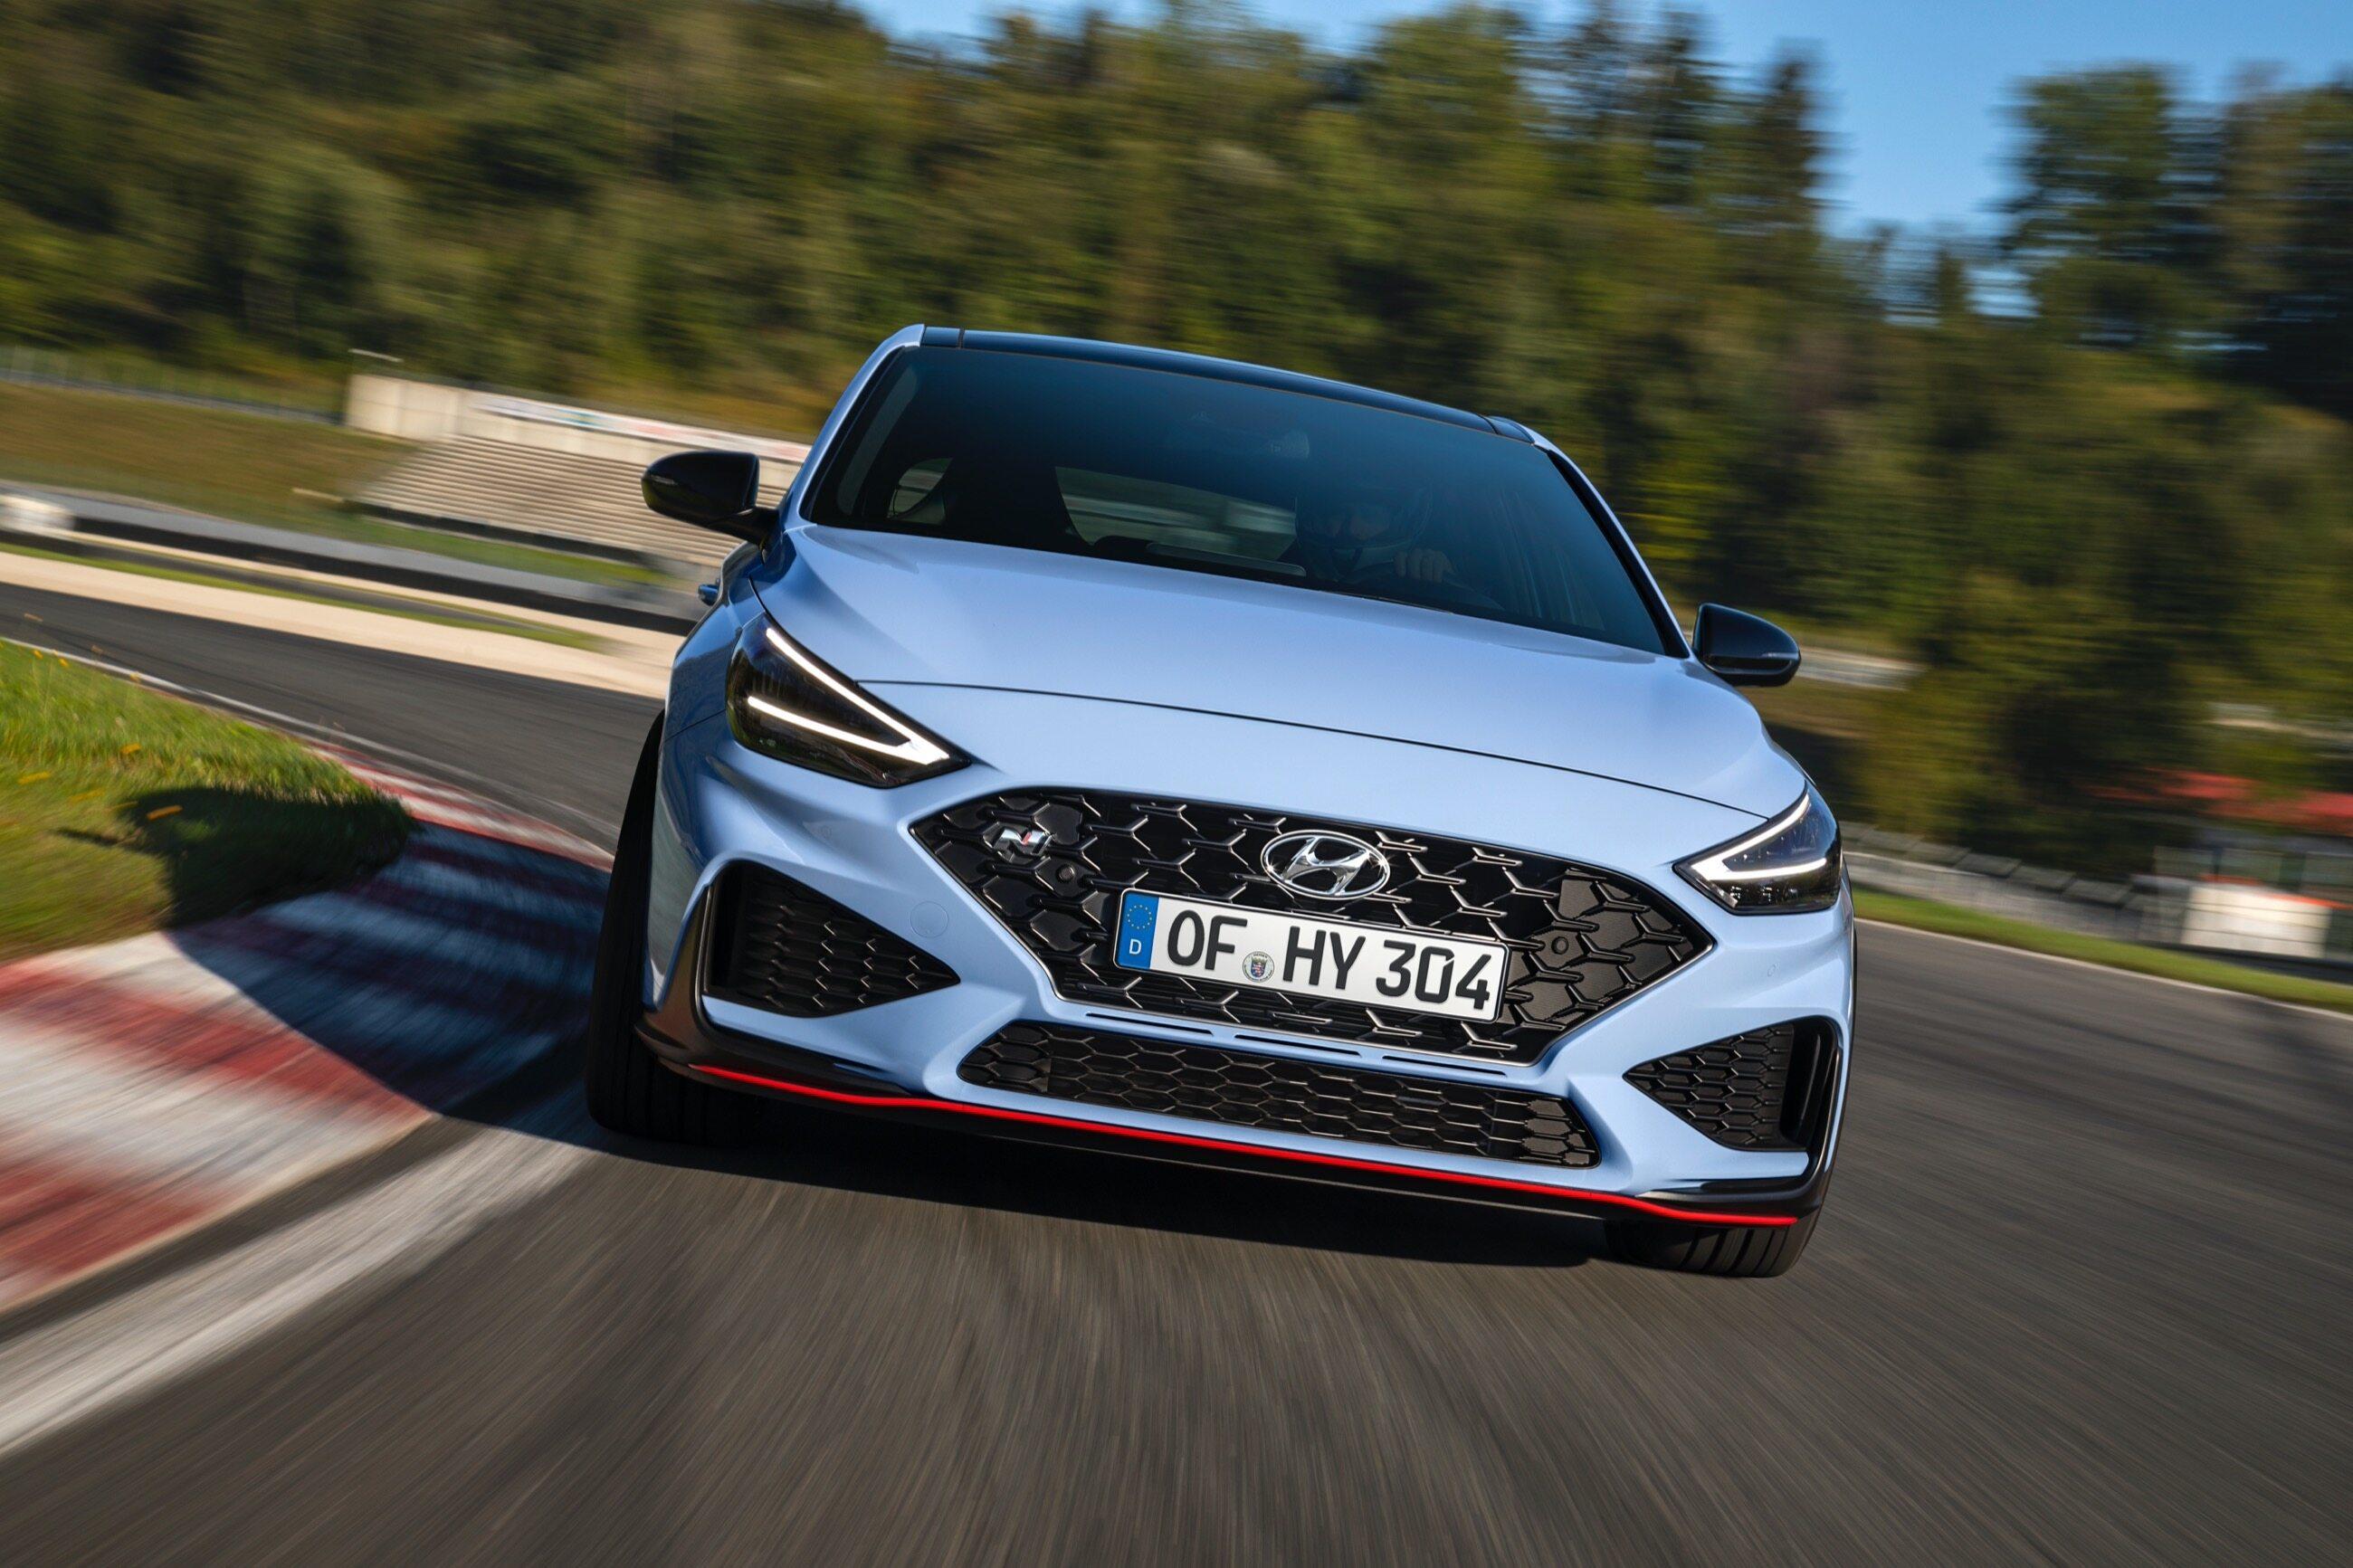 Tego producenta samochodów zna chyba każdy. A jak poprawnie przeczytać nazwę Hyundai?